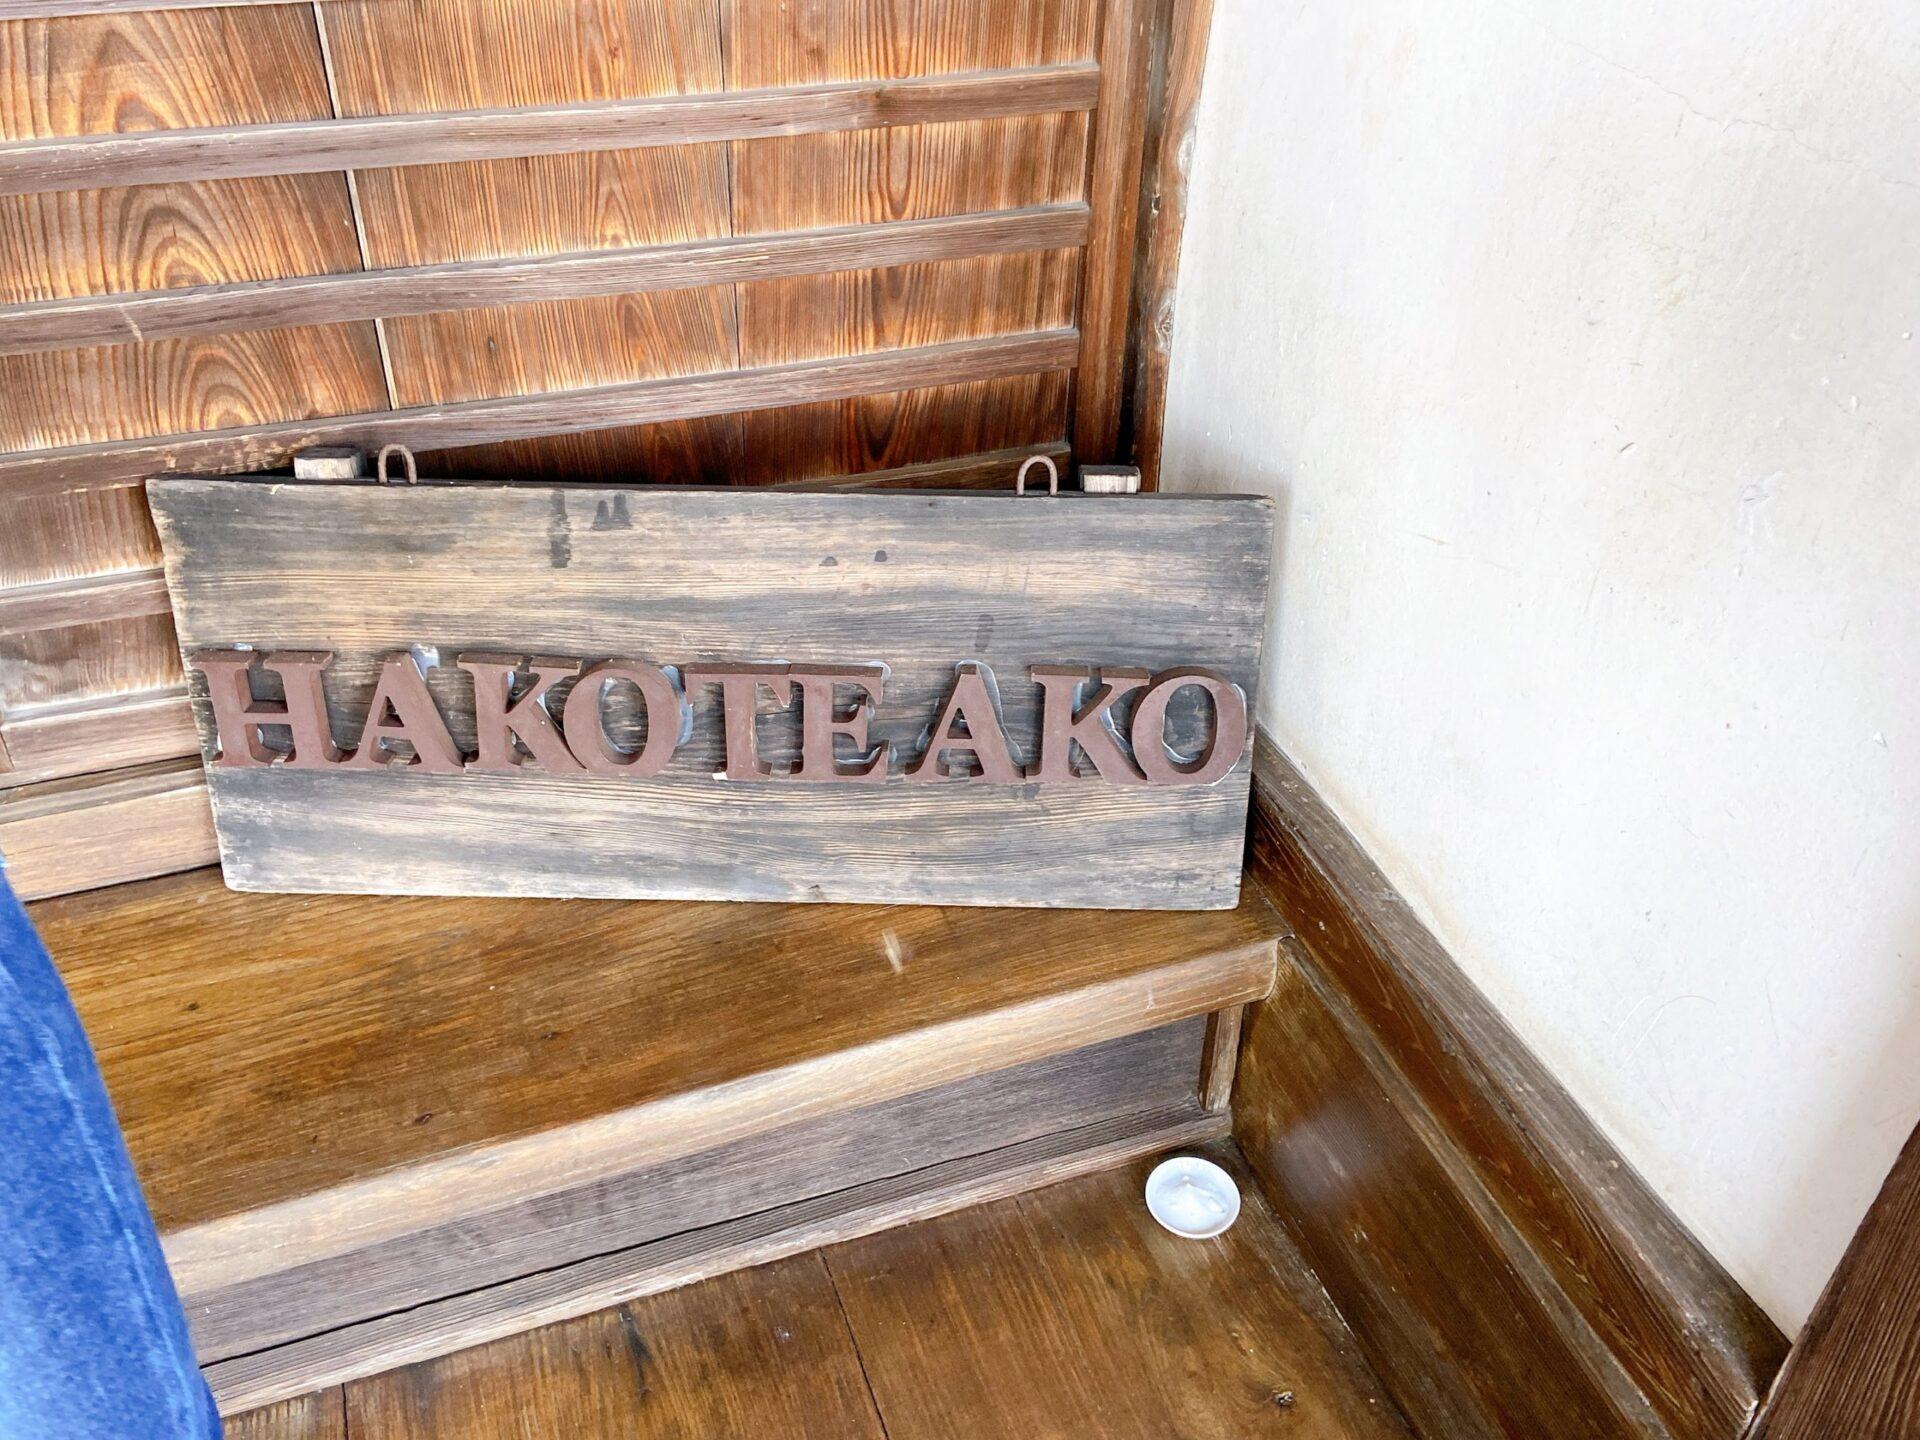 ハコテアコ カフェ